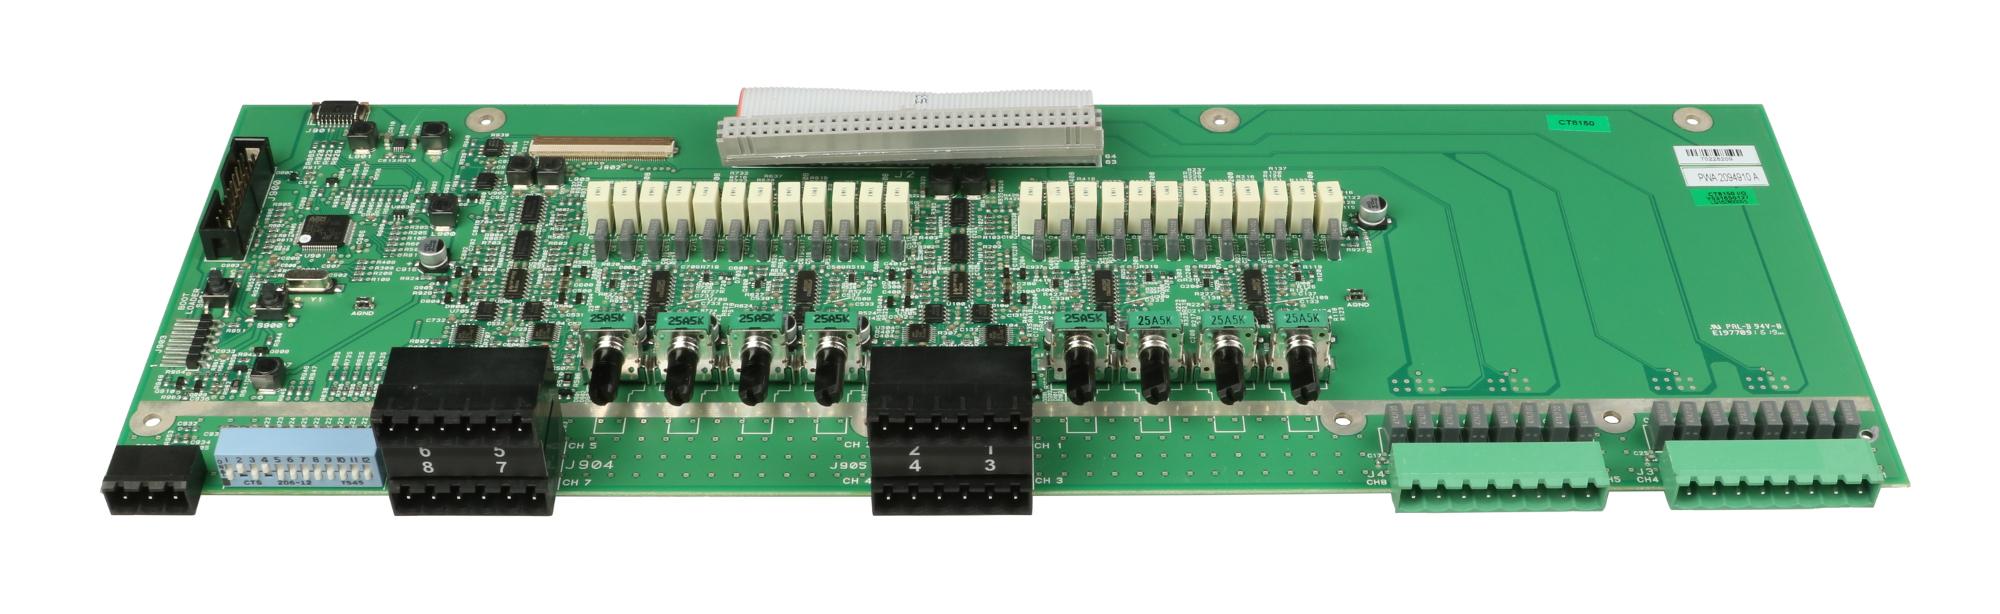 8-channel 120w I/O AV1 PCB for CT8150